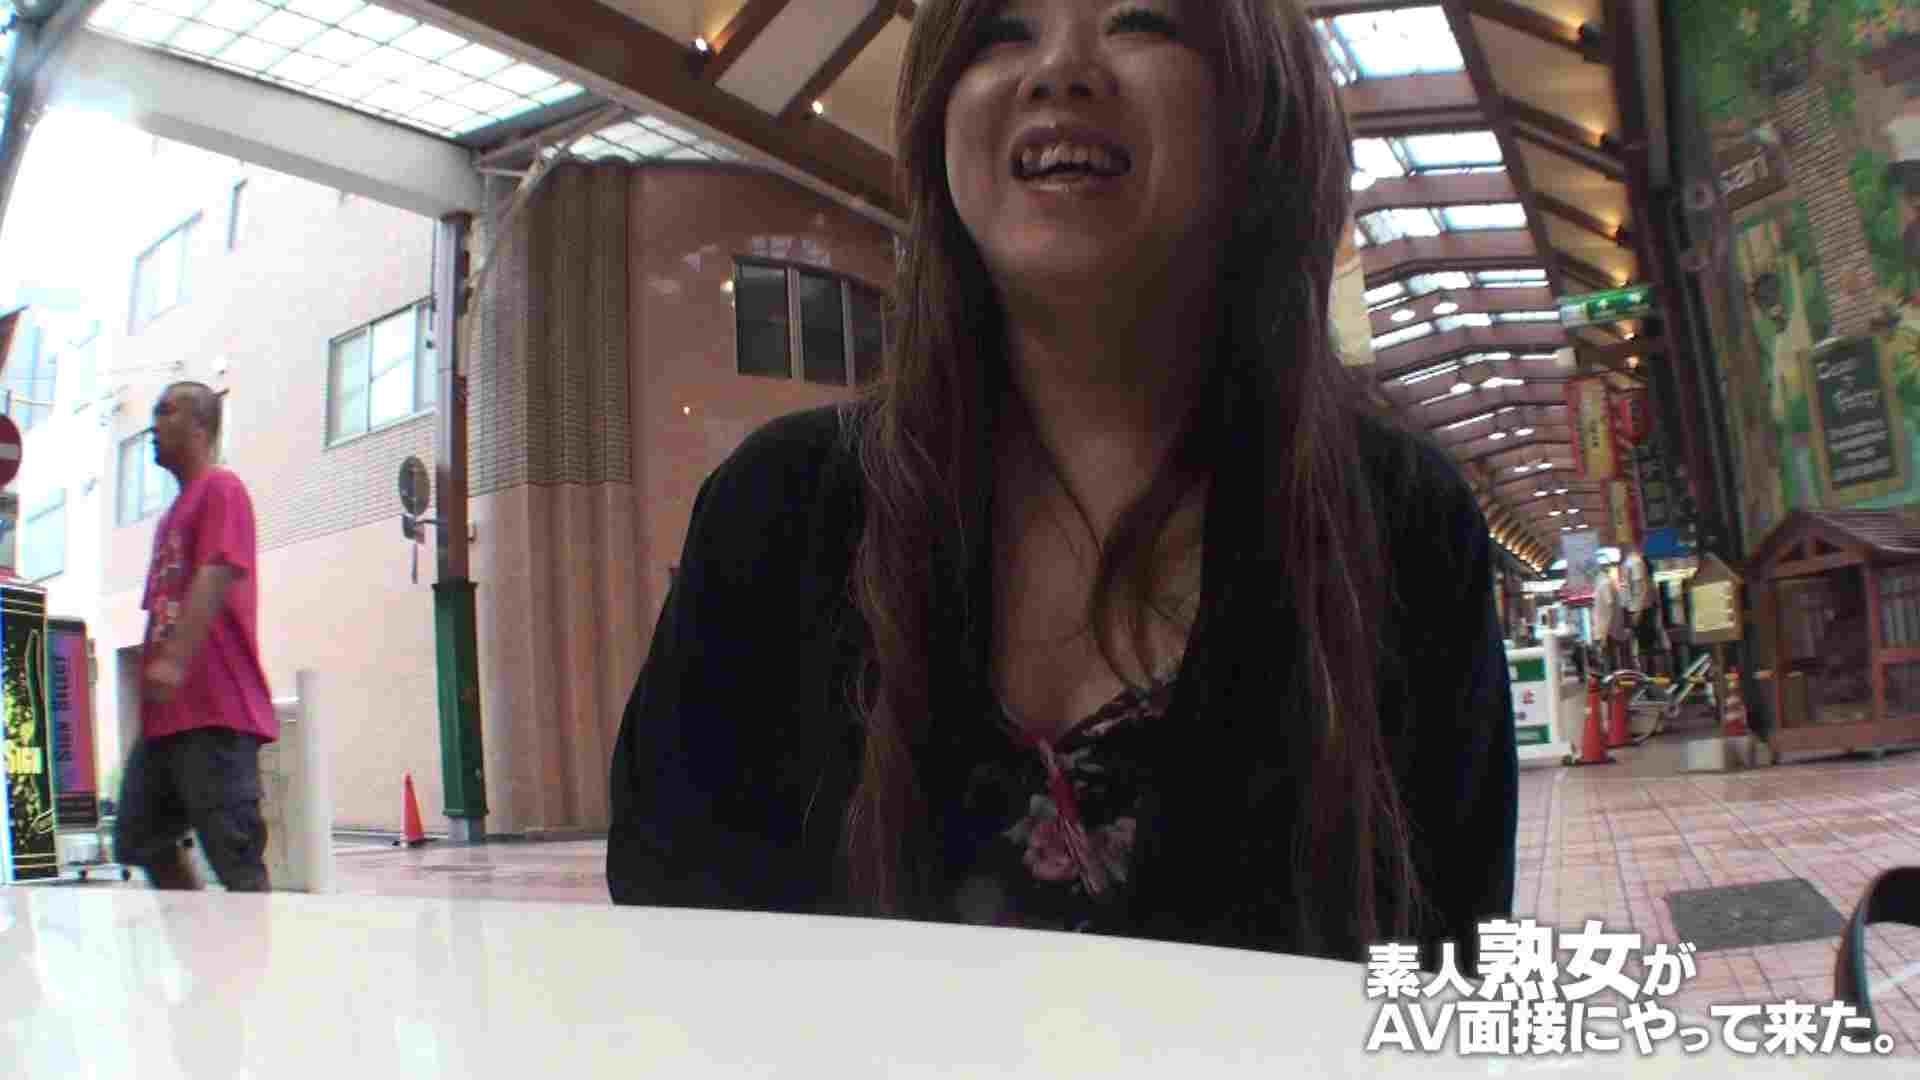 素人熟女がAV面接にやってきた (仮名)ゆかさんVOL.01 エッチな熟女 盗撮動画紹介 57pic 18